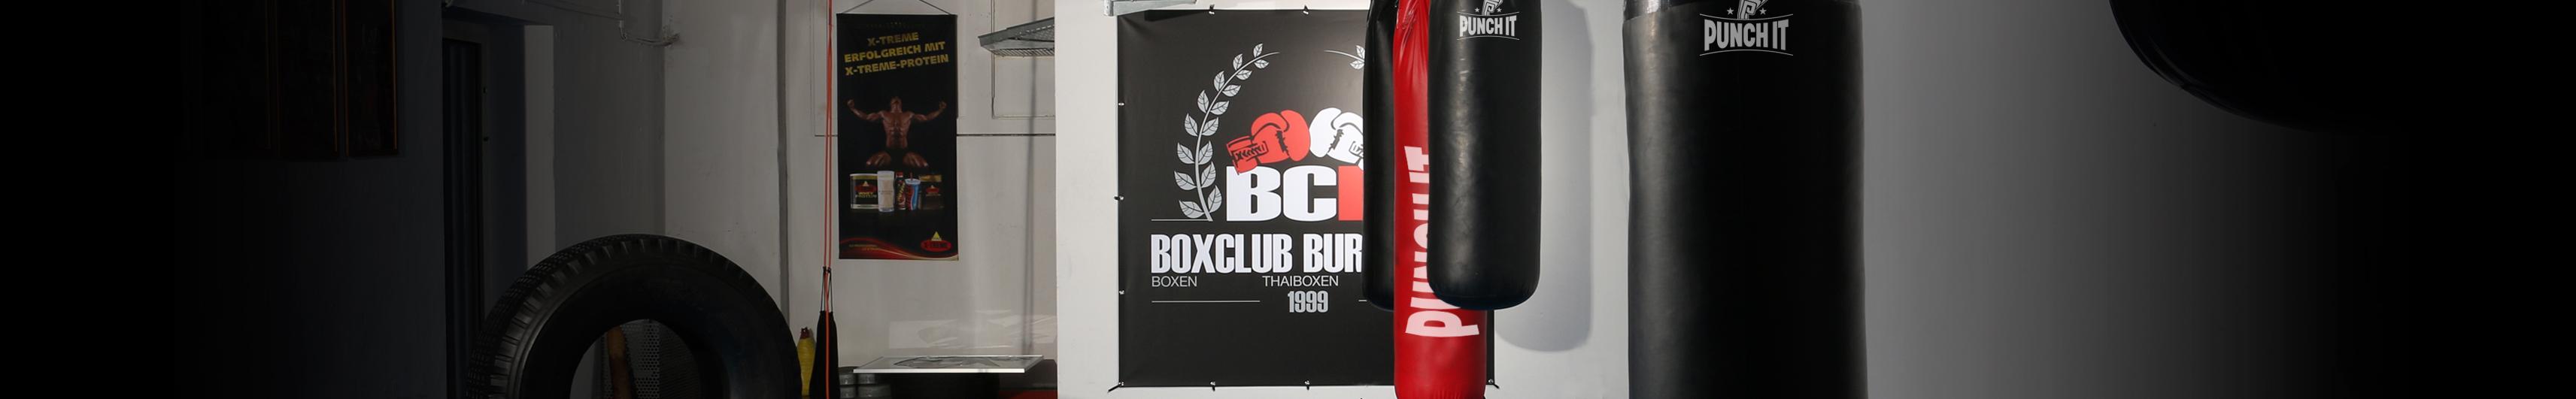 Boxraum_punchit.jpg